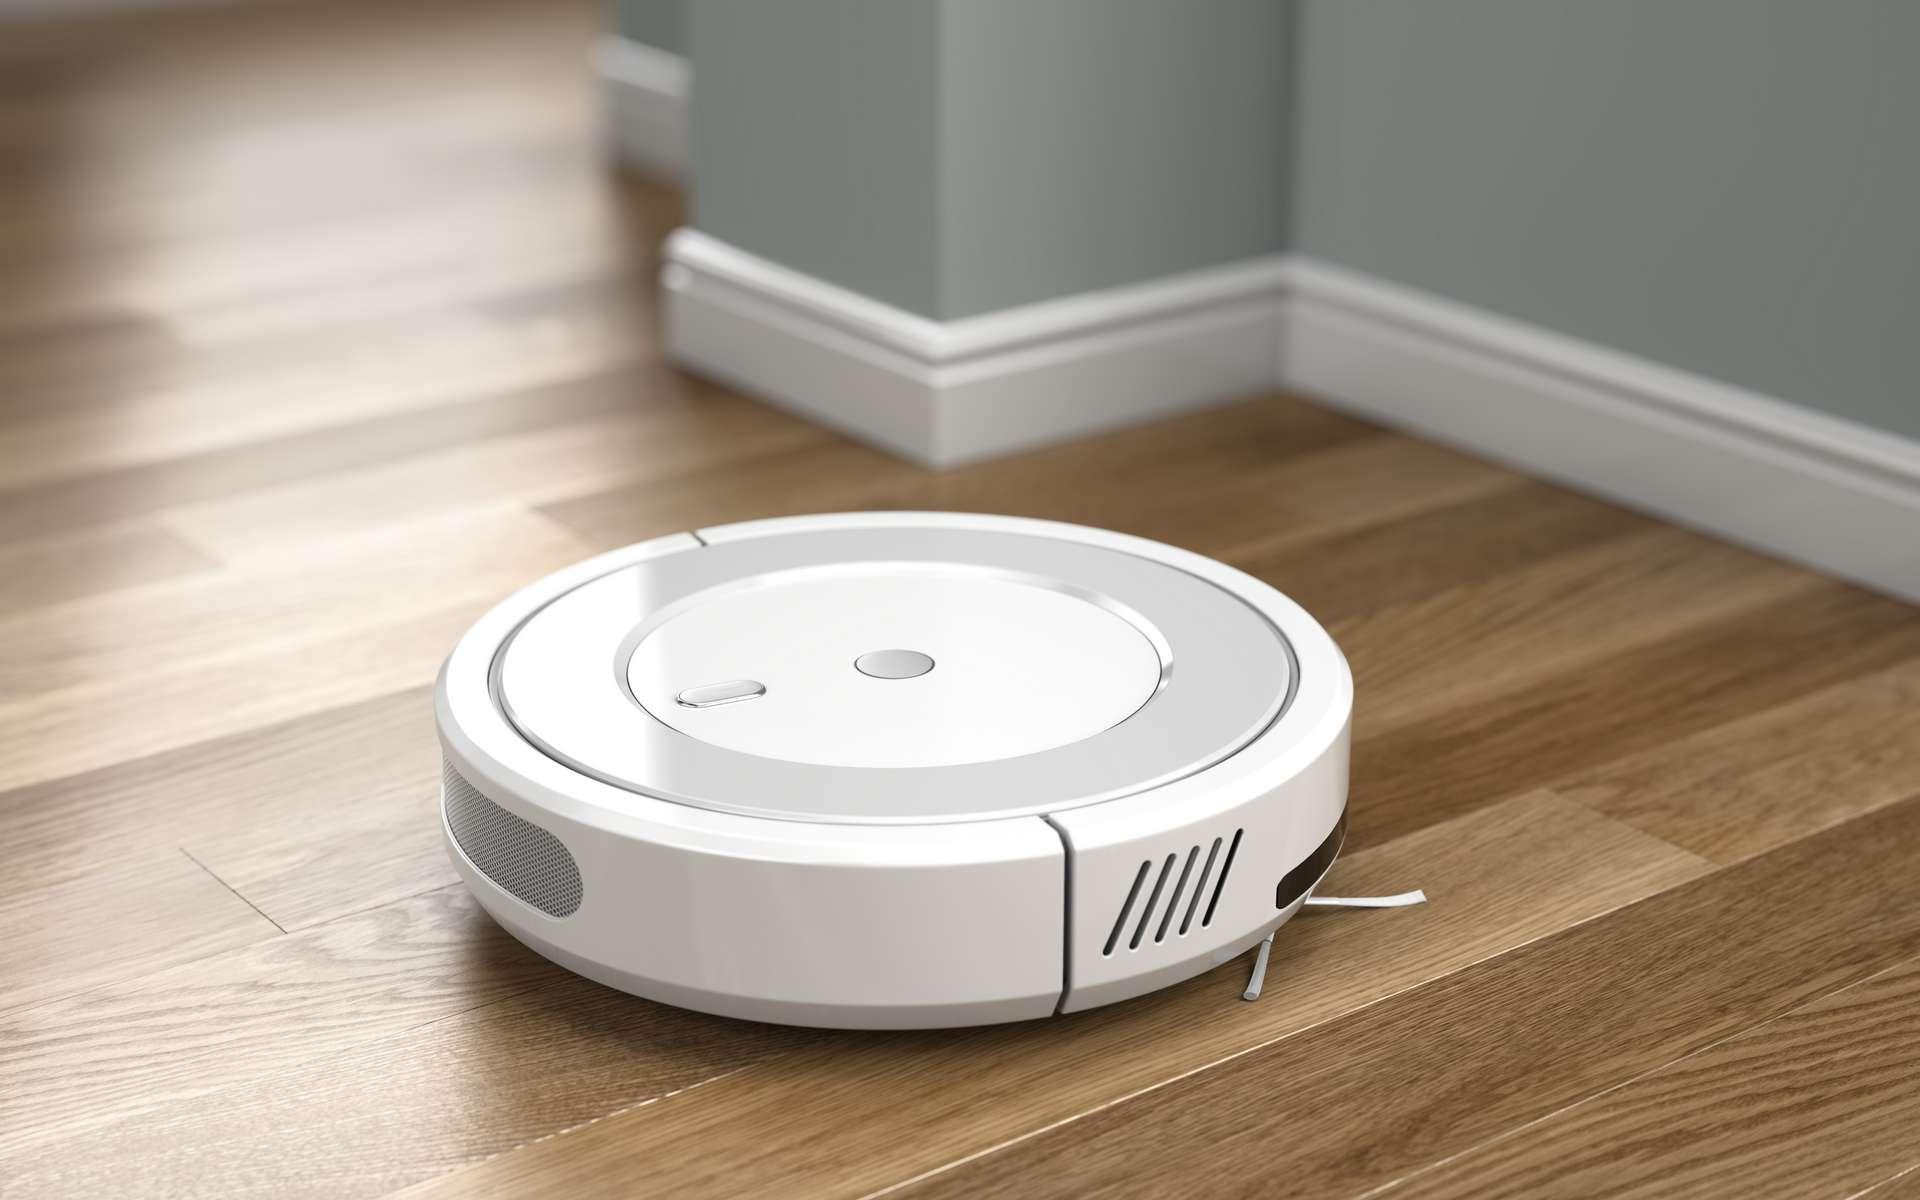 À la recherche d'un aspirateur robot ? Découvrez les meilleures offres et réductions du Prime Day Amazon 2021 © Sashkin, Adobe Stock